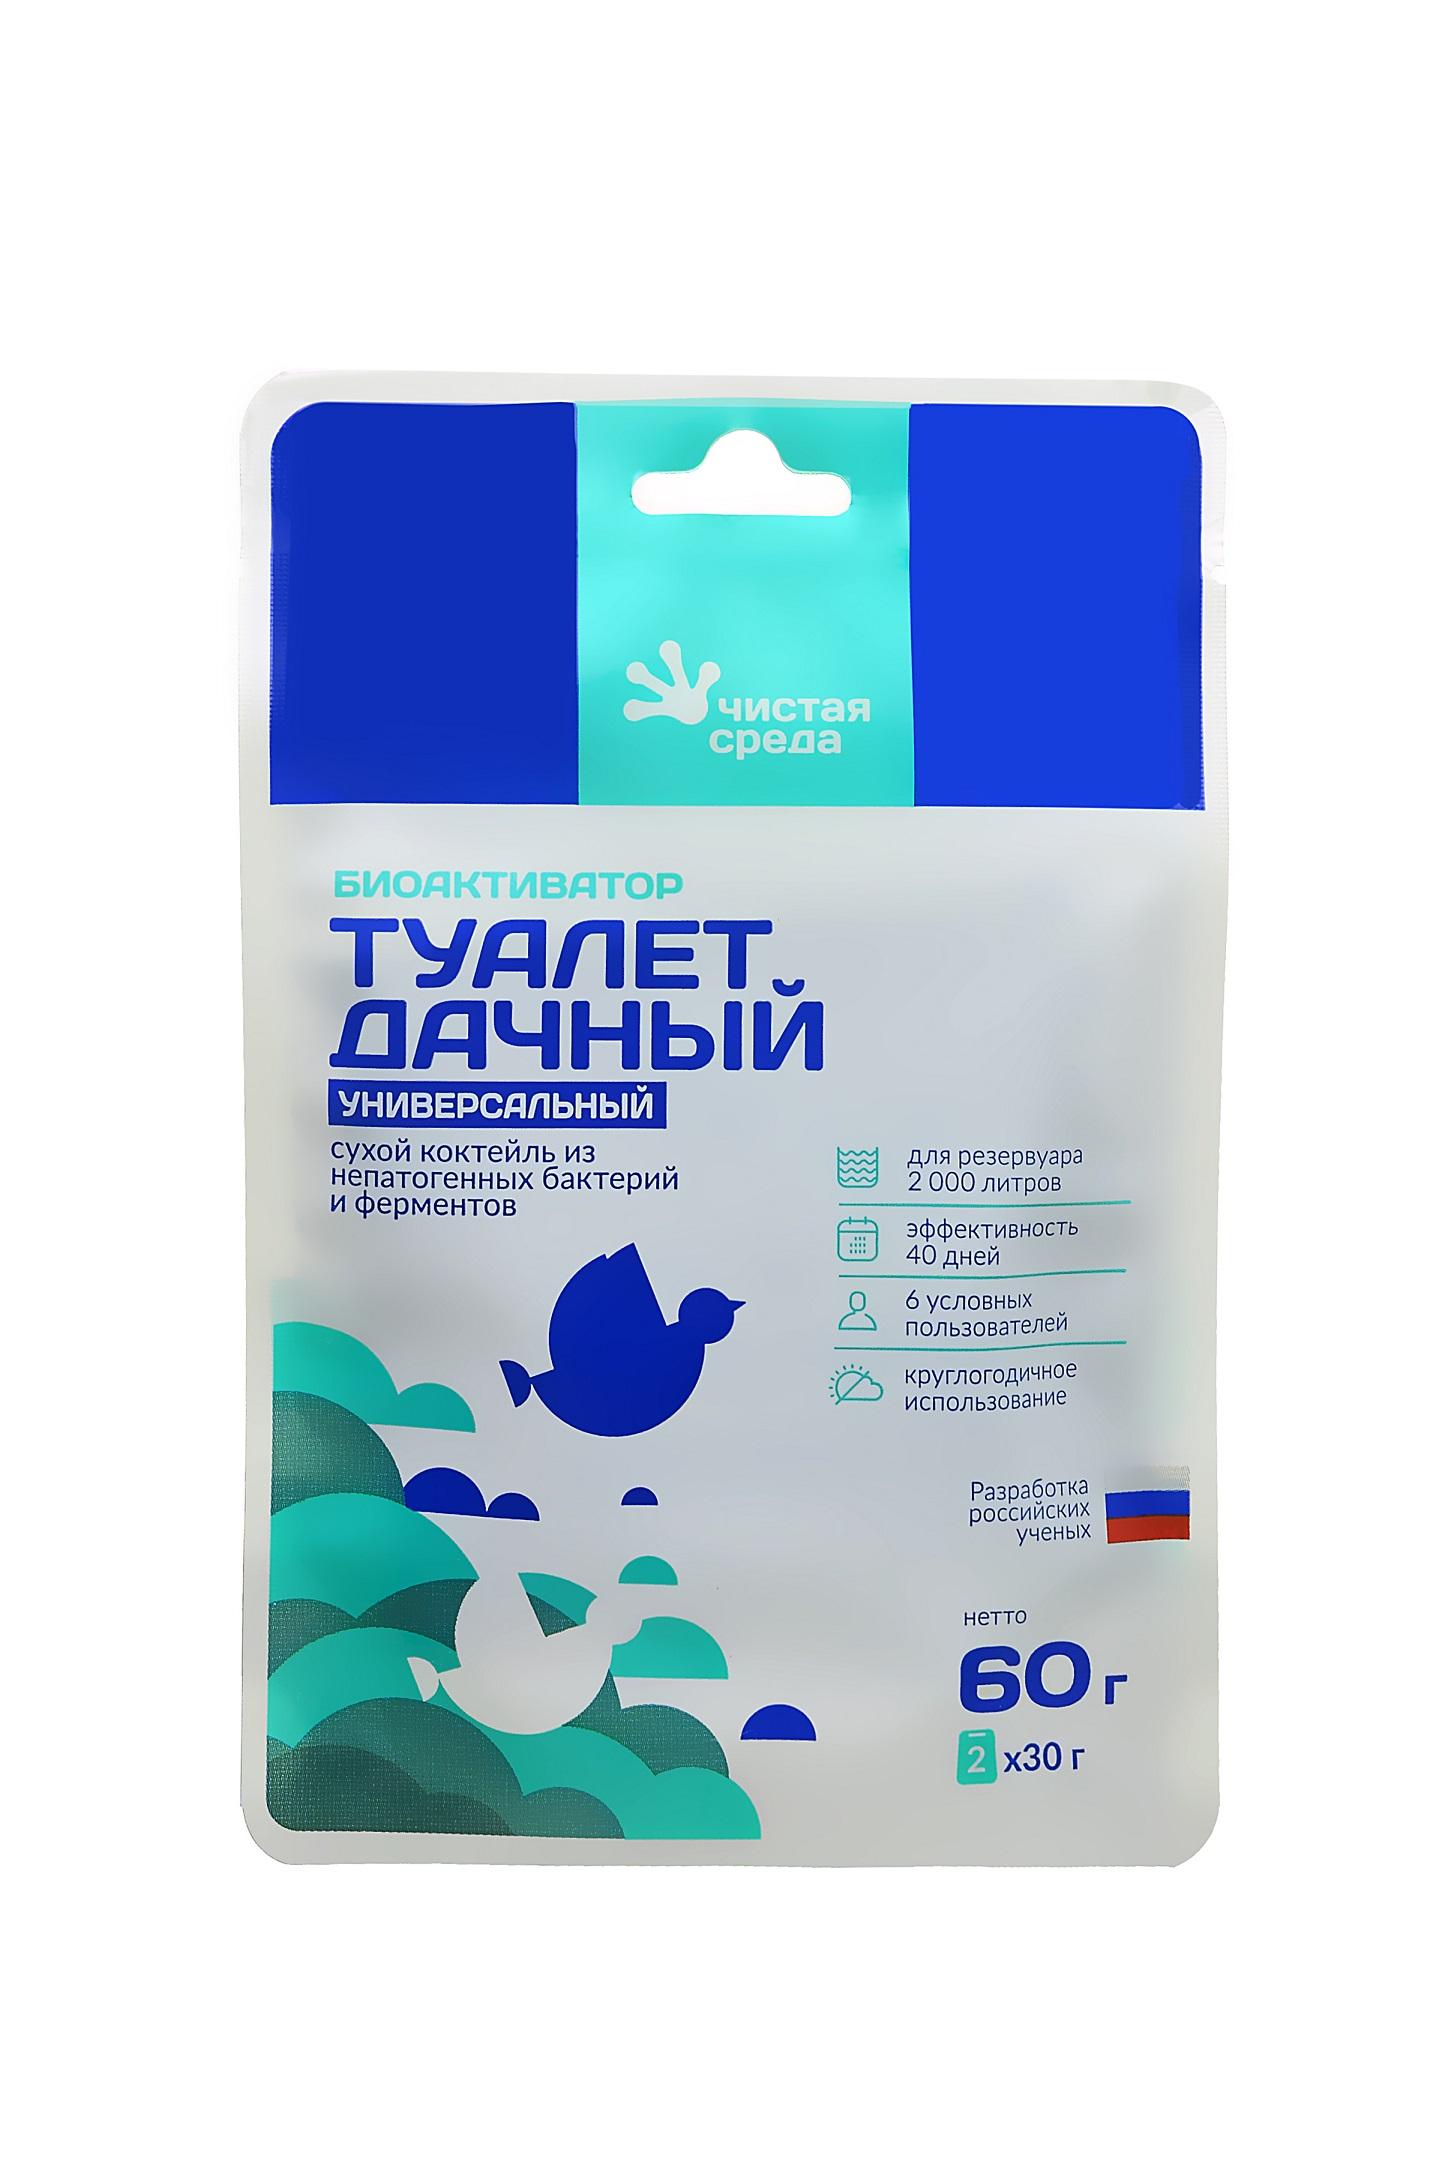 Средство биоактиватор для дачных туалетов и выгребных ям Чистая среда, 60 гр.